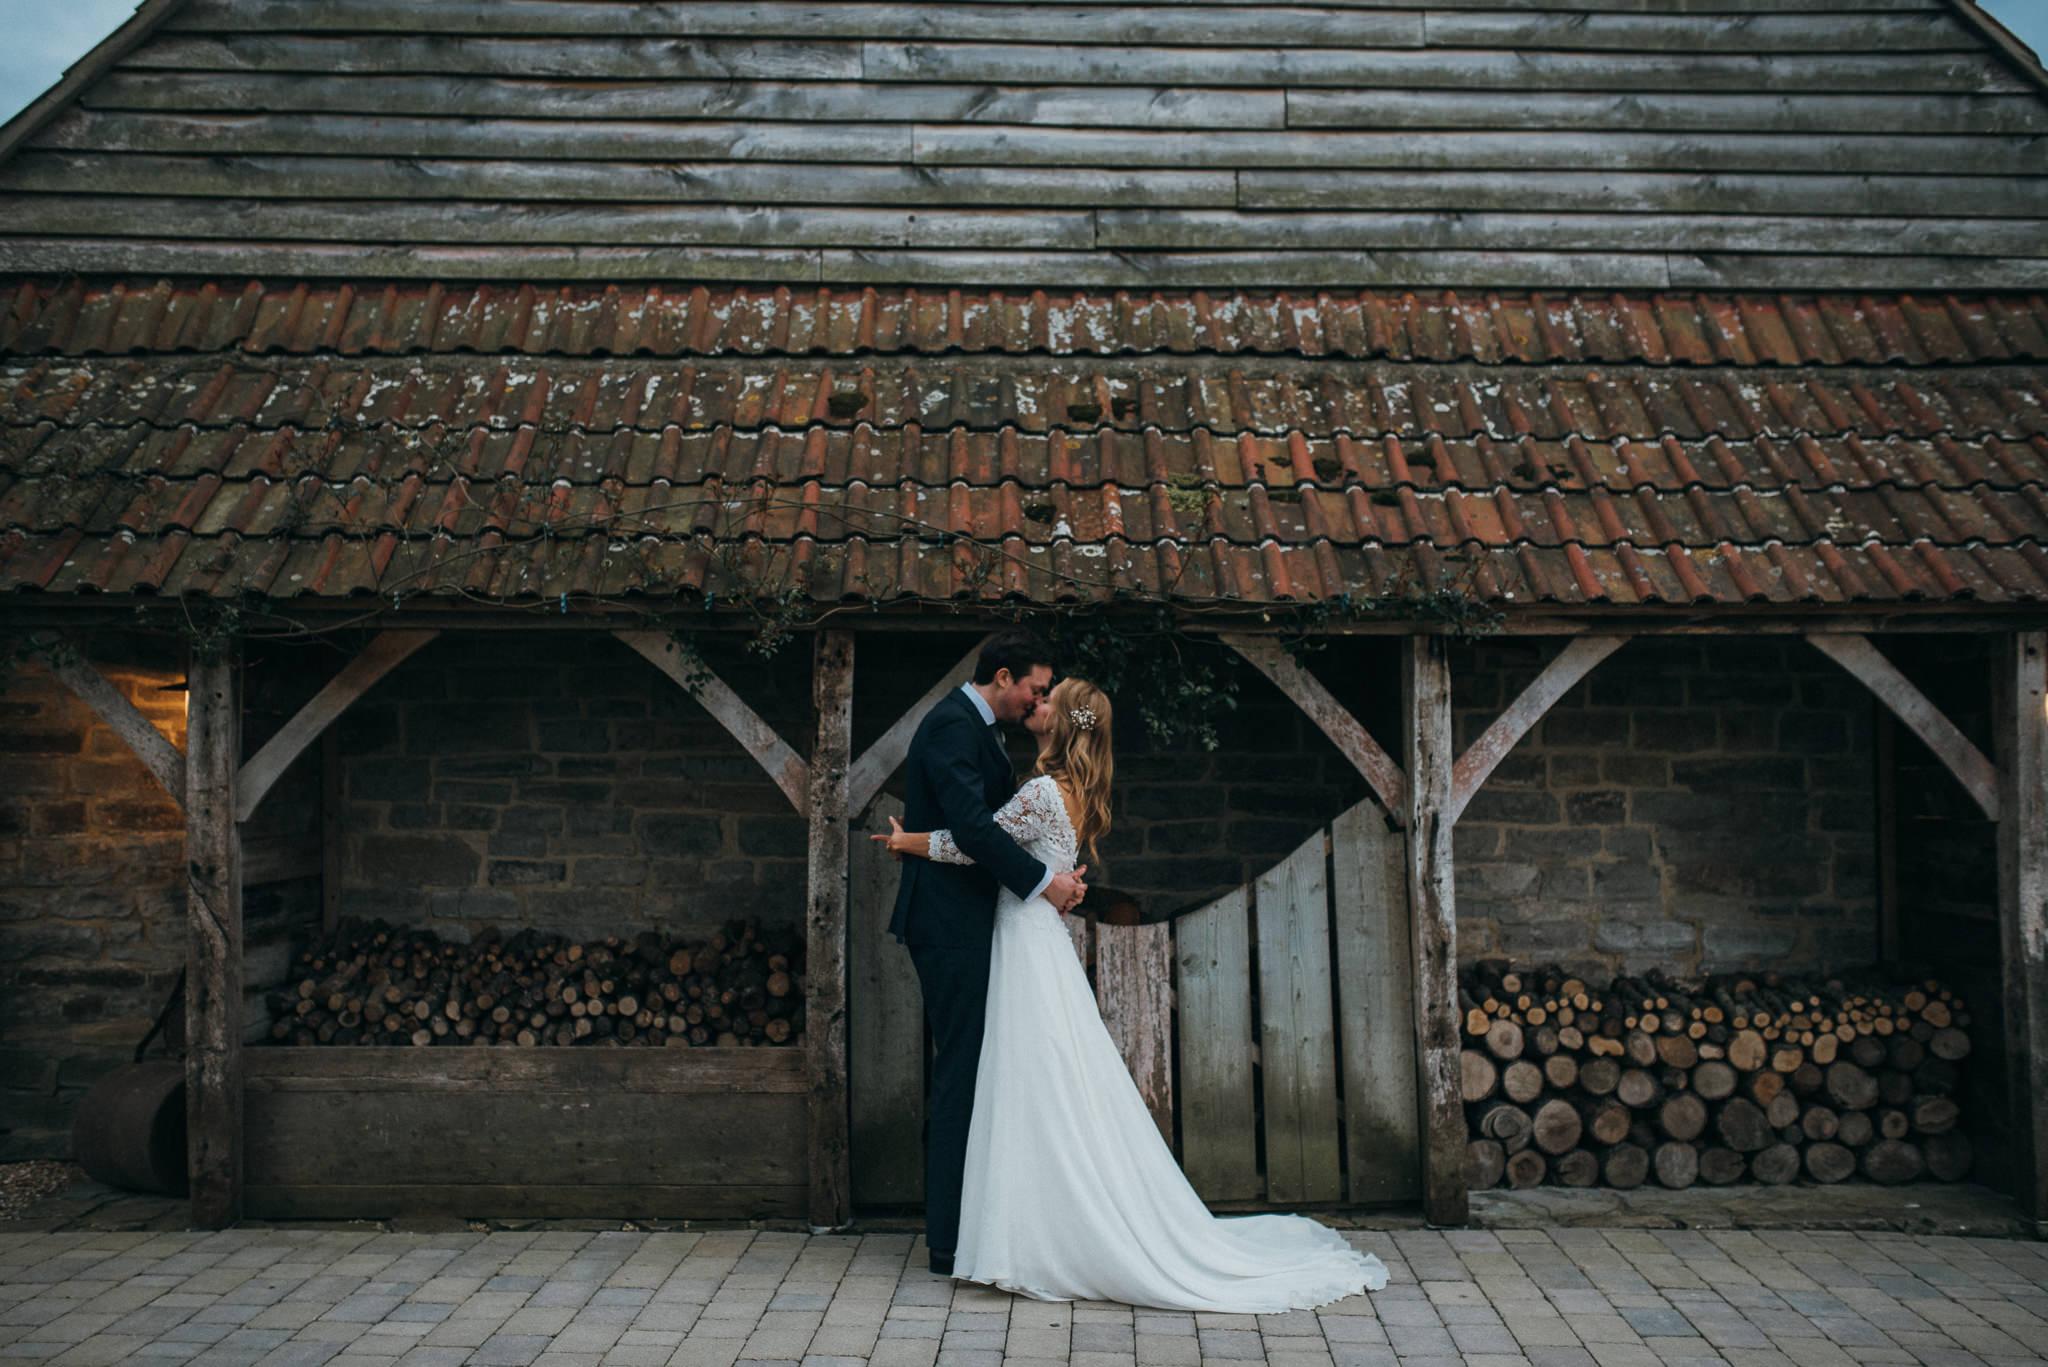 Almonry creative wedding photography Somerset